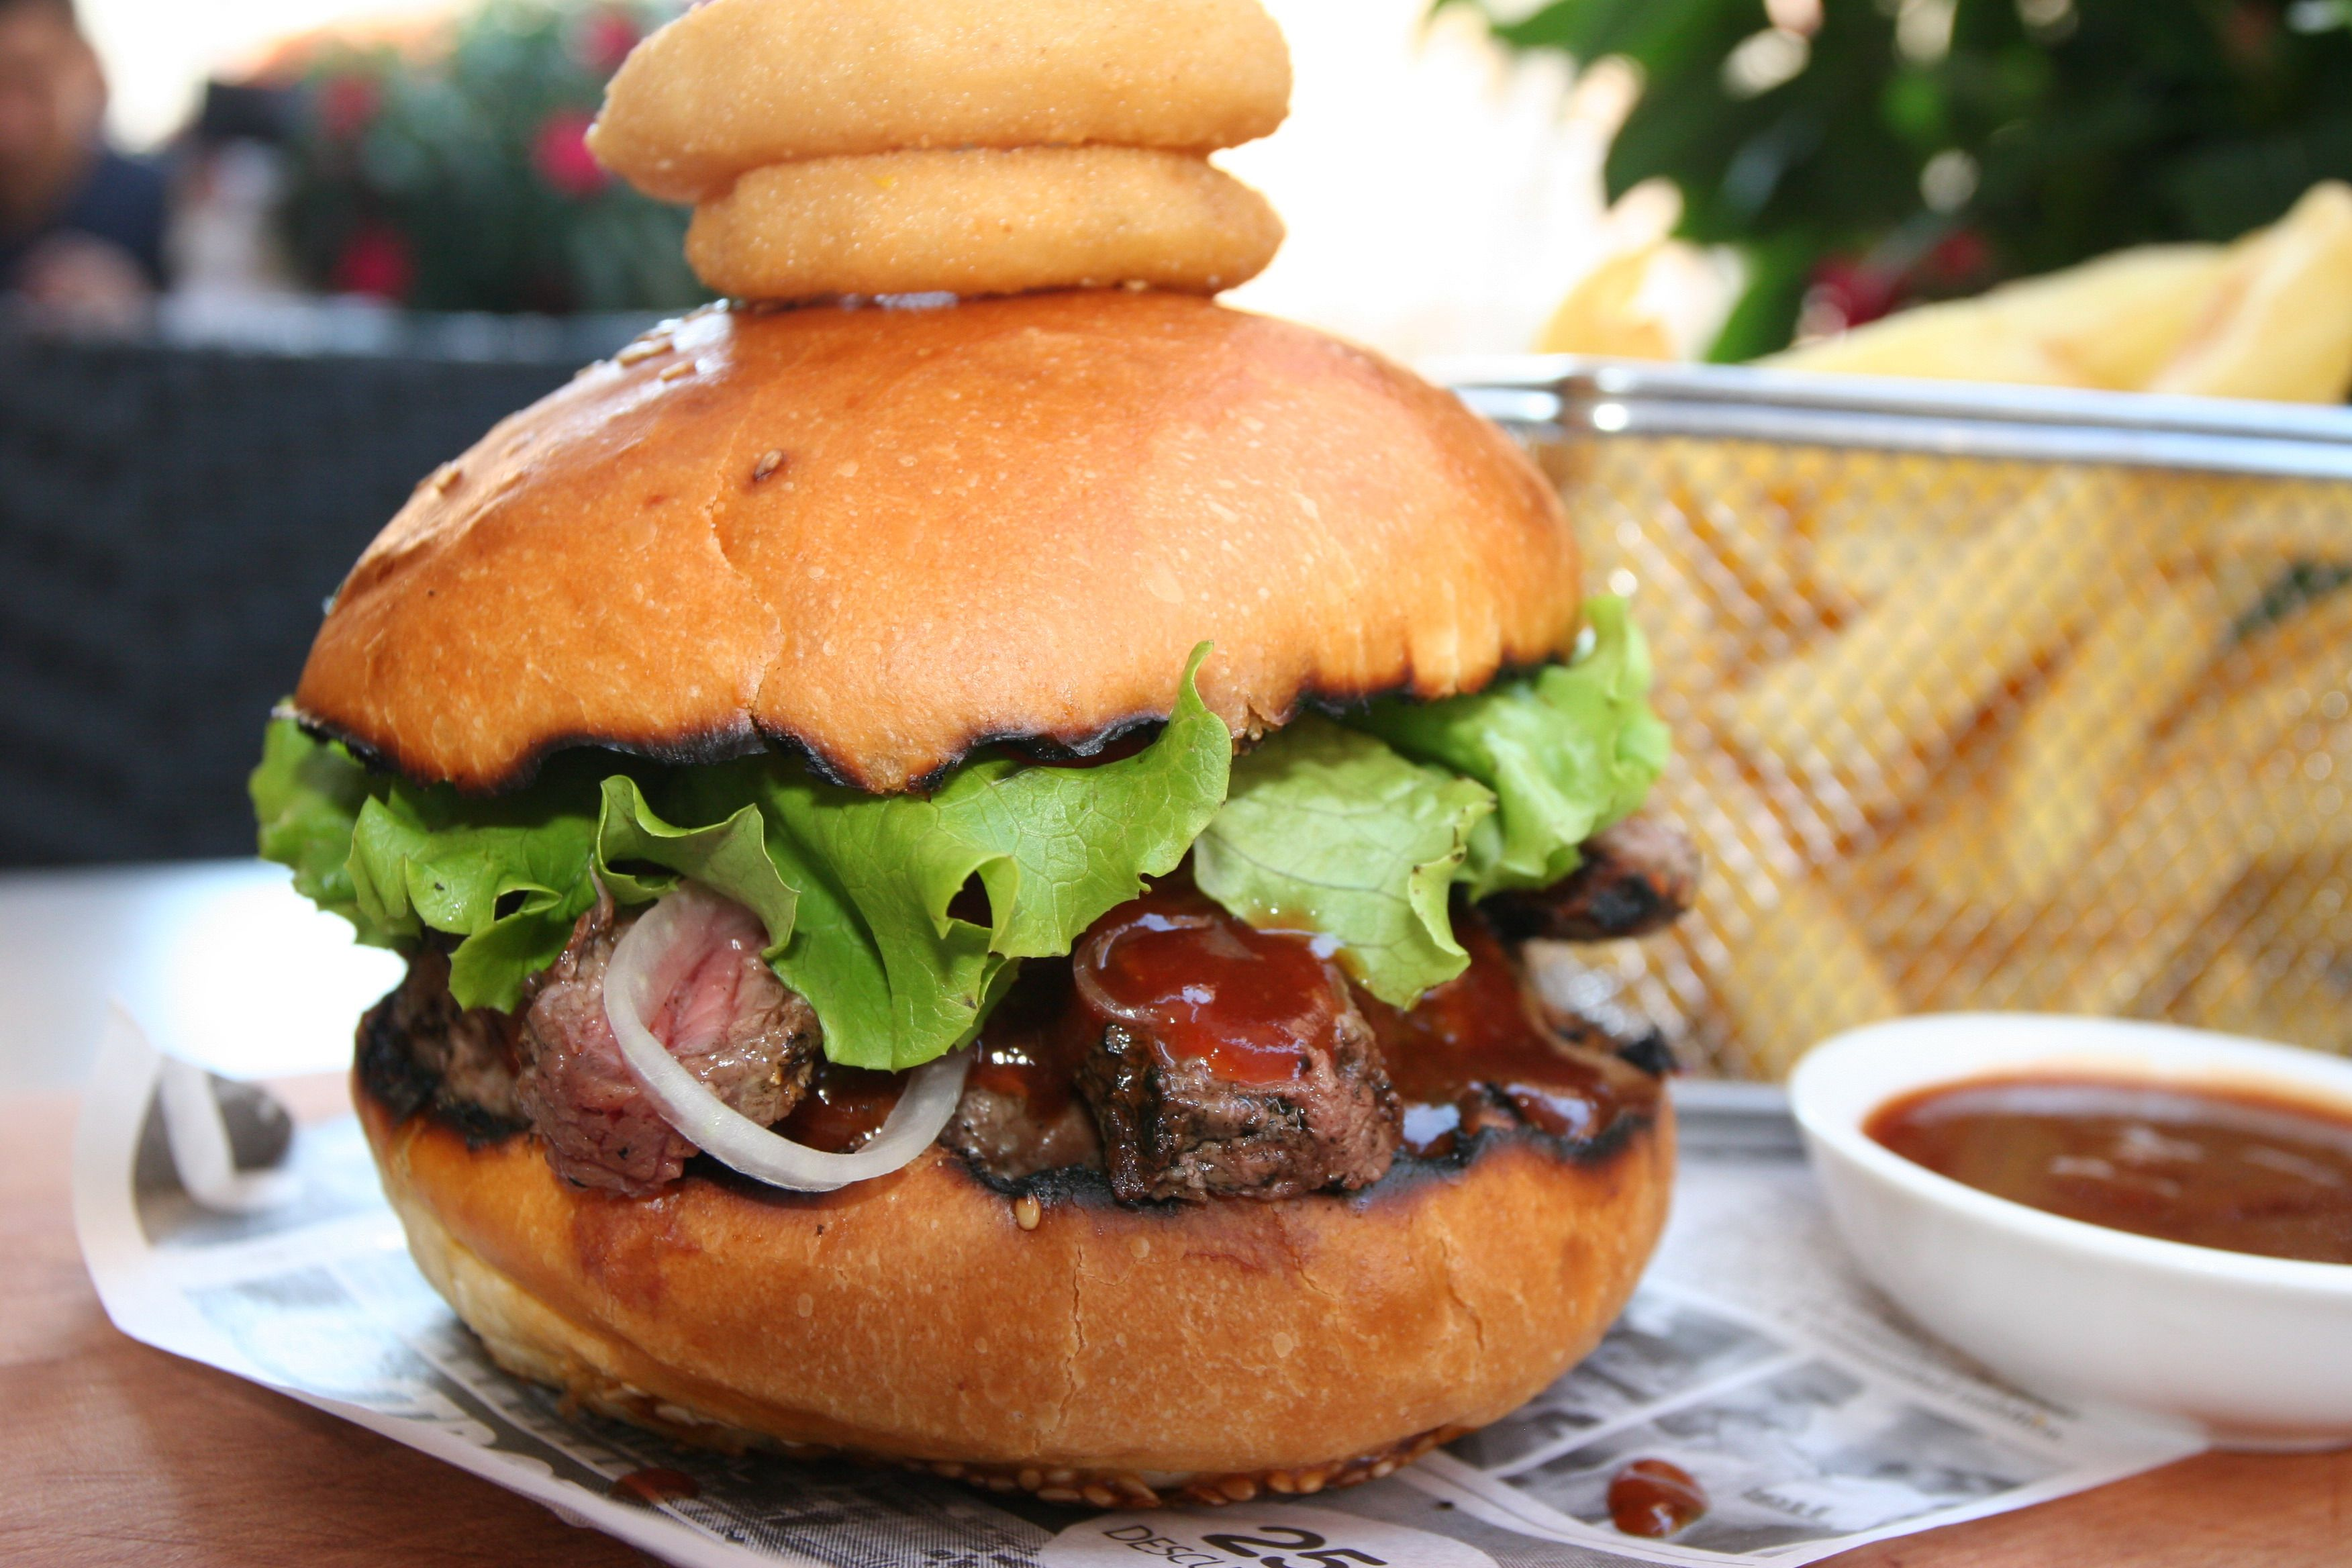 Staripisker Burger Slovenia Celje Dobragostilna